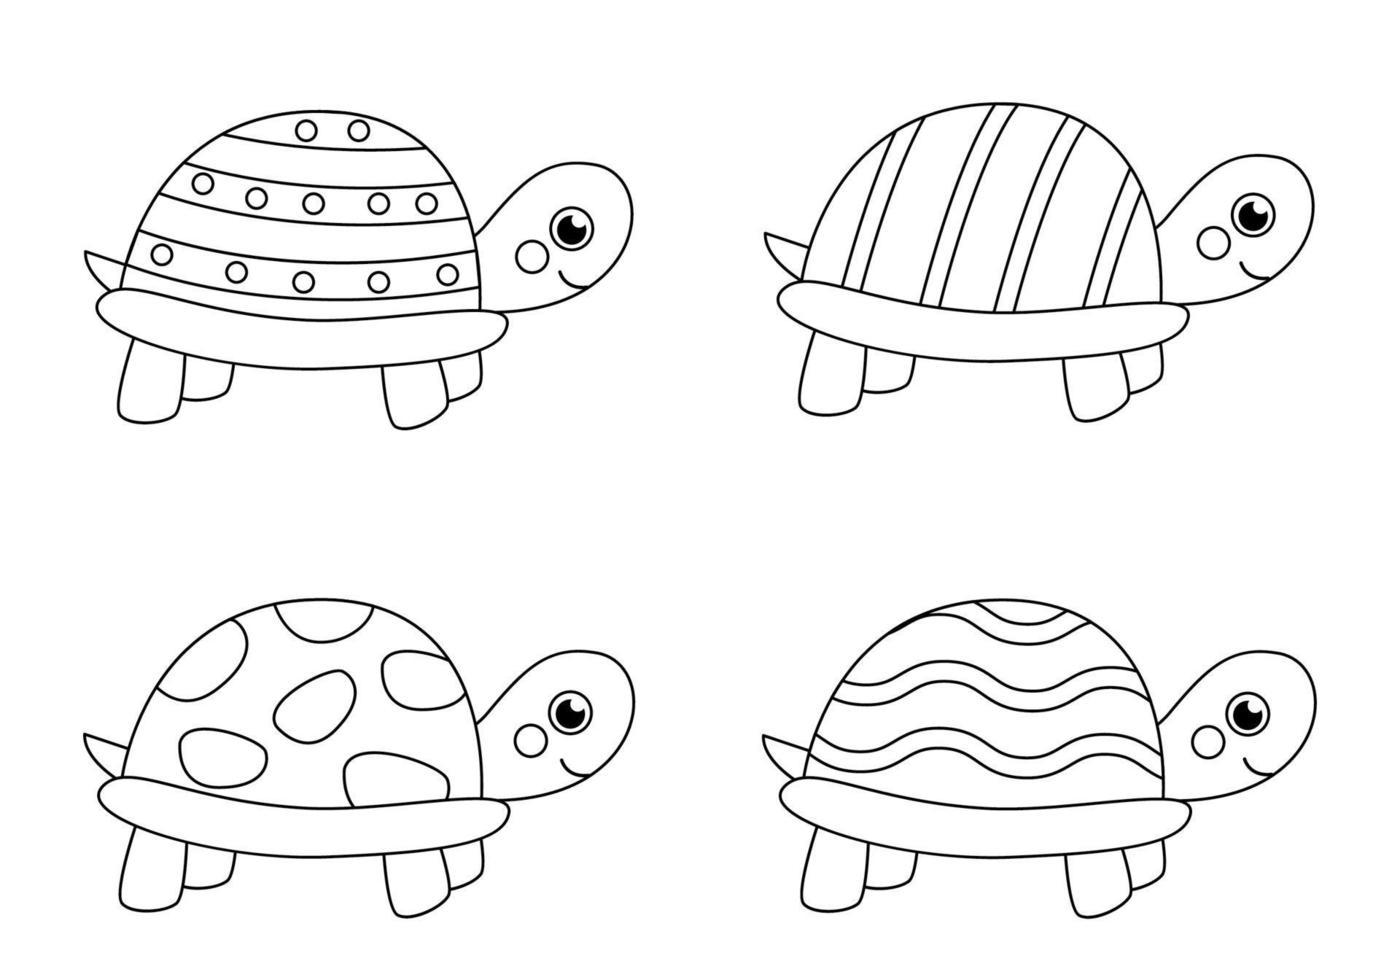 färg svarta och vita sköldpaddor. målarbok för barn. vektor